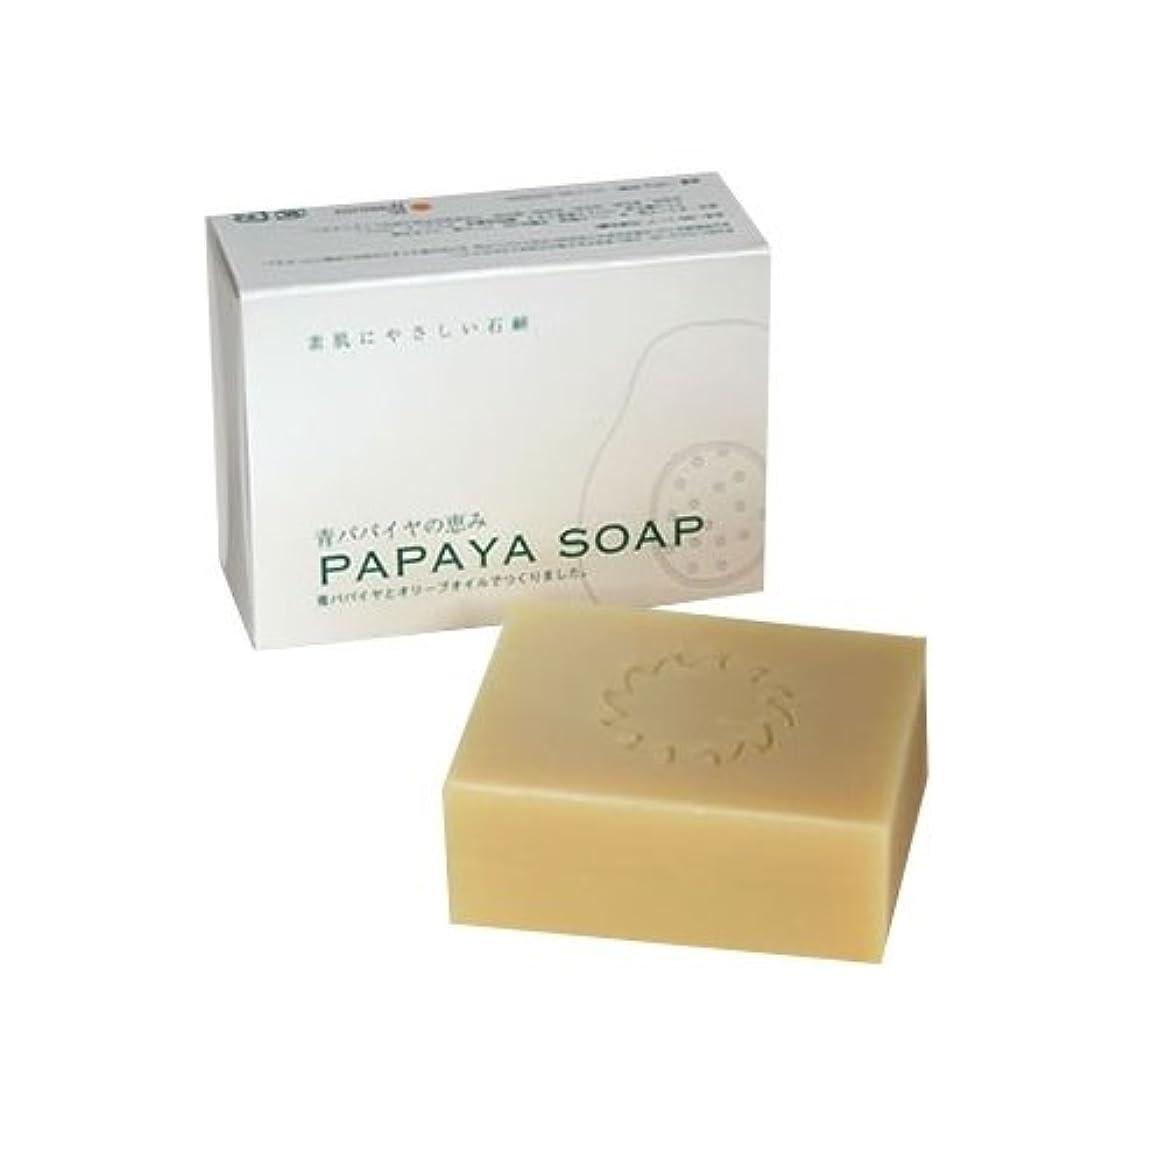 適度にコジオスコ遠近法青パパイヤの恵み PAPAYA SOAP(パパイヤソープ) 100g